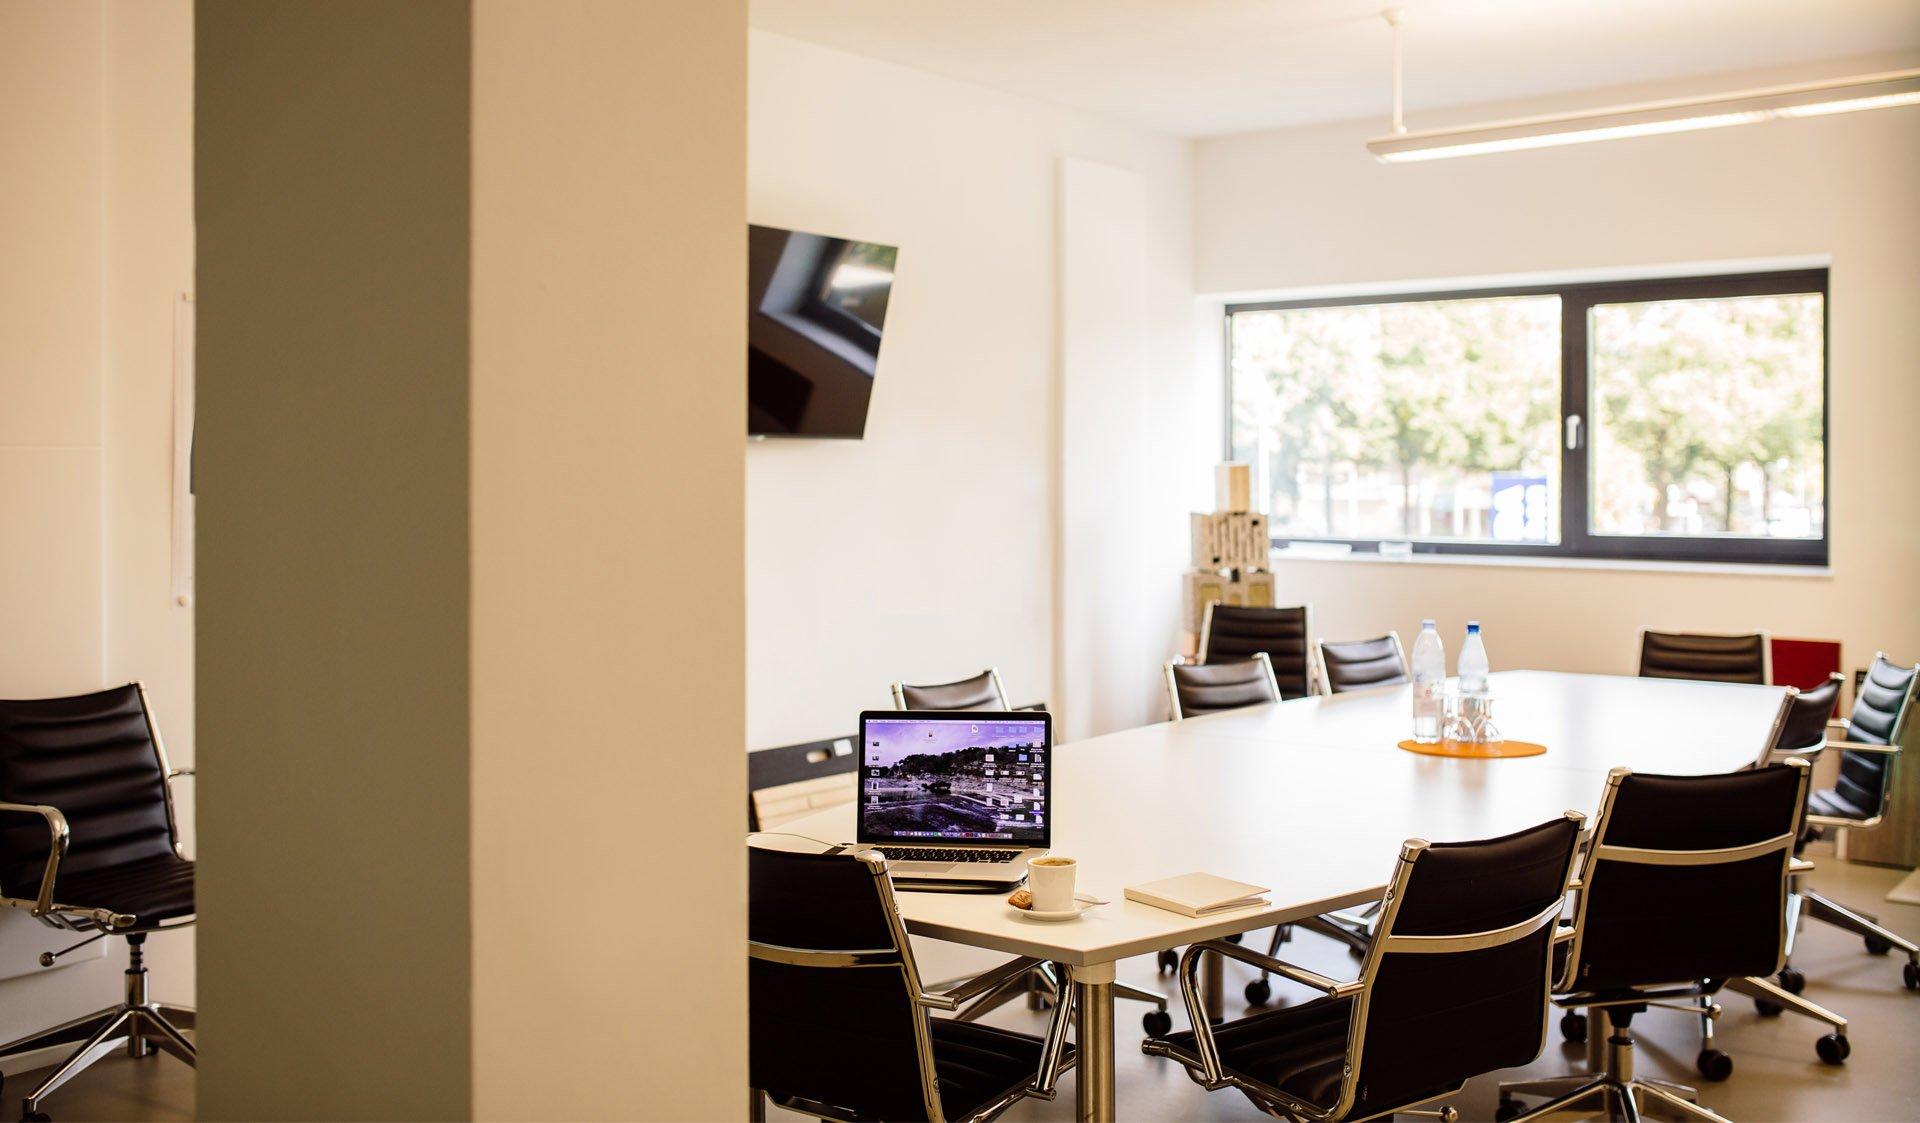 Besprechungsraum in einem Bürogebäude